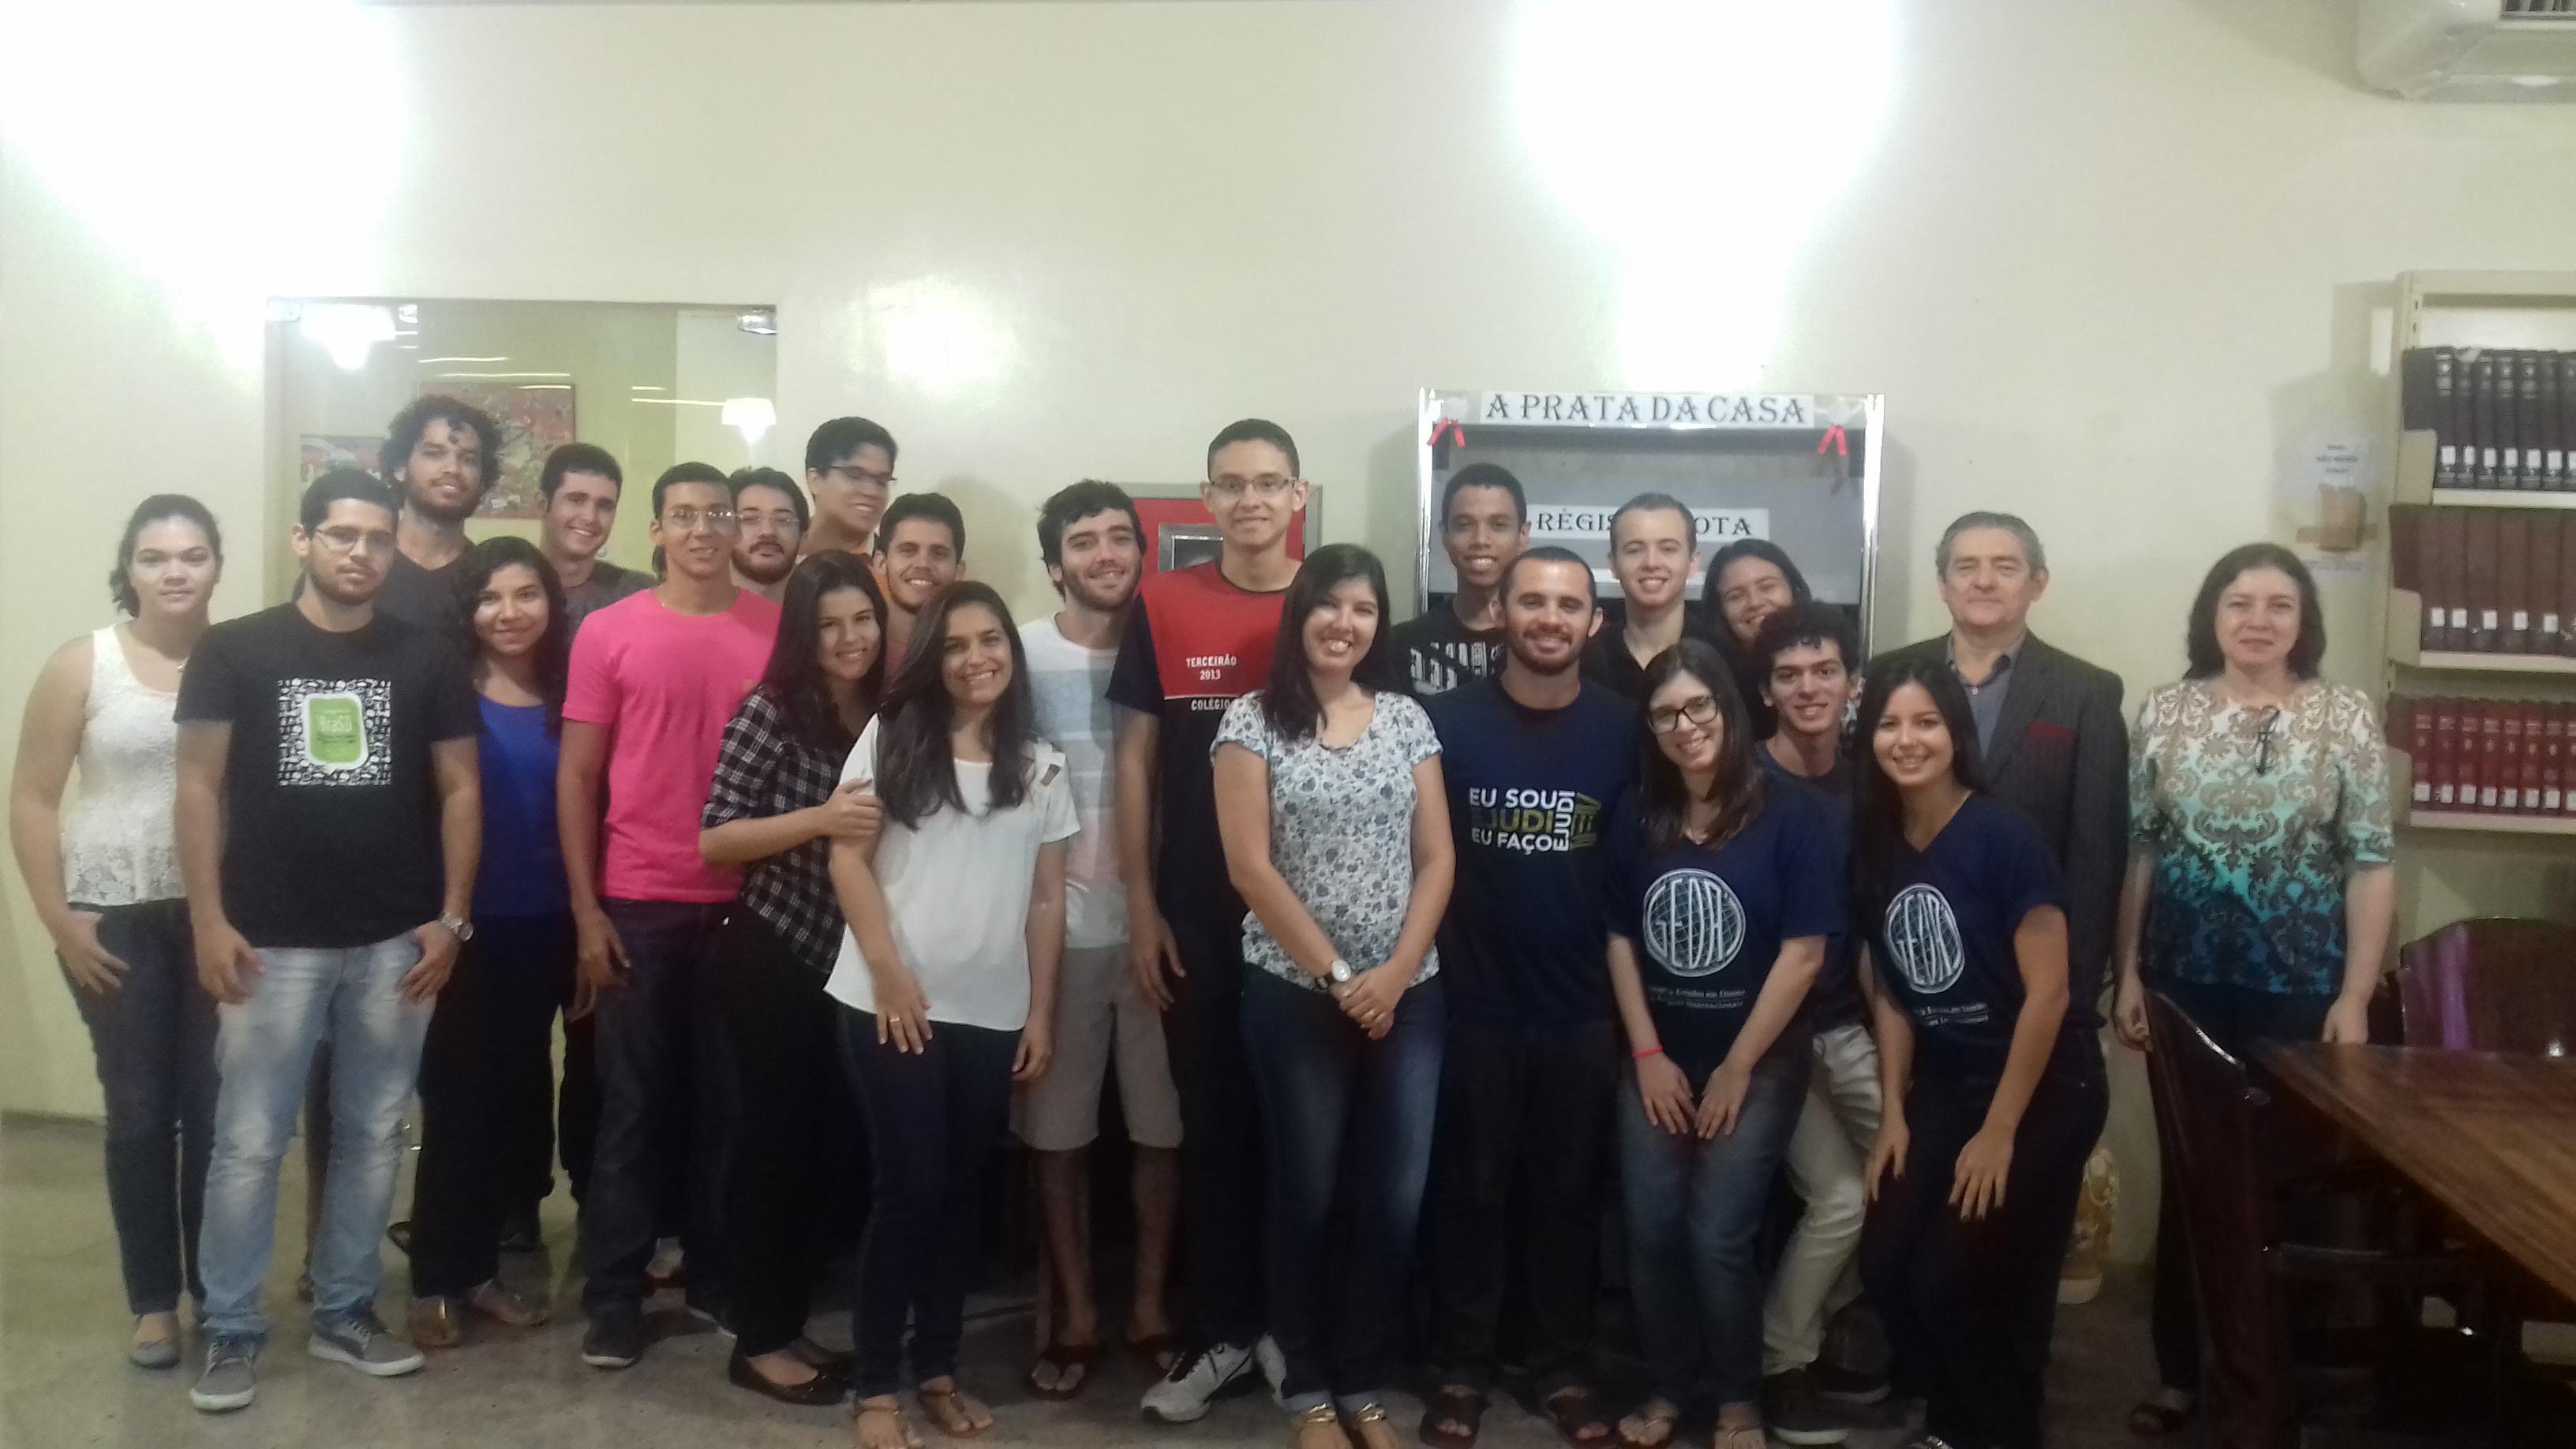 Prof. Francisco Régis Frota Araújo falou sobre os alunos da Faculdade de Direirto da UFC sobre suas obras, que estão expostas na Biblioteca da faculdade.